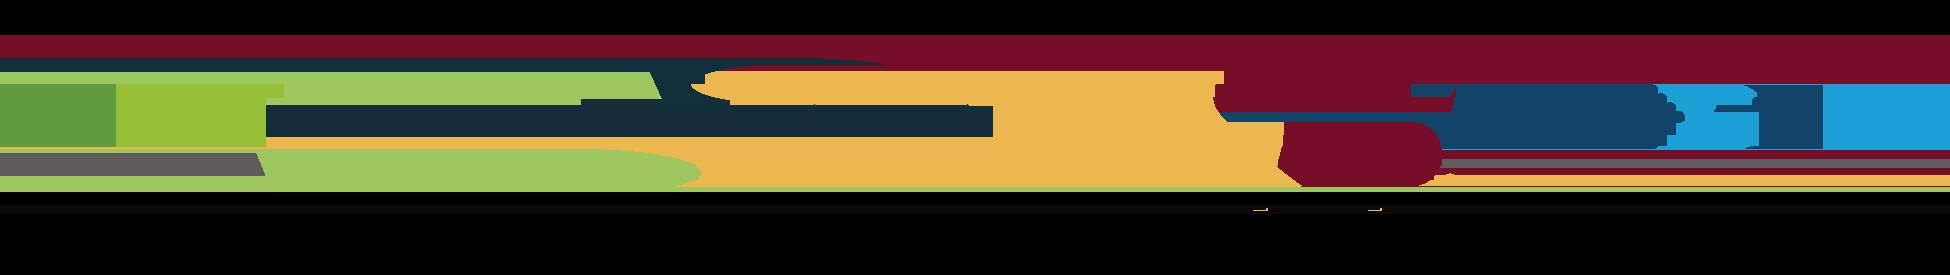 NEXTNiagara - Niagara Community Foundation - DDL -GNCC